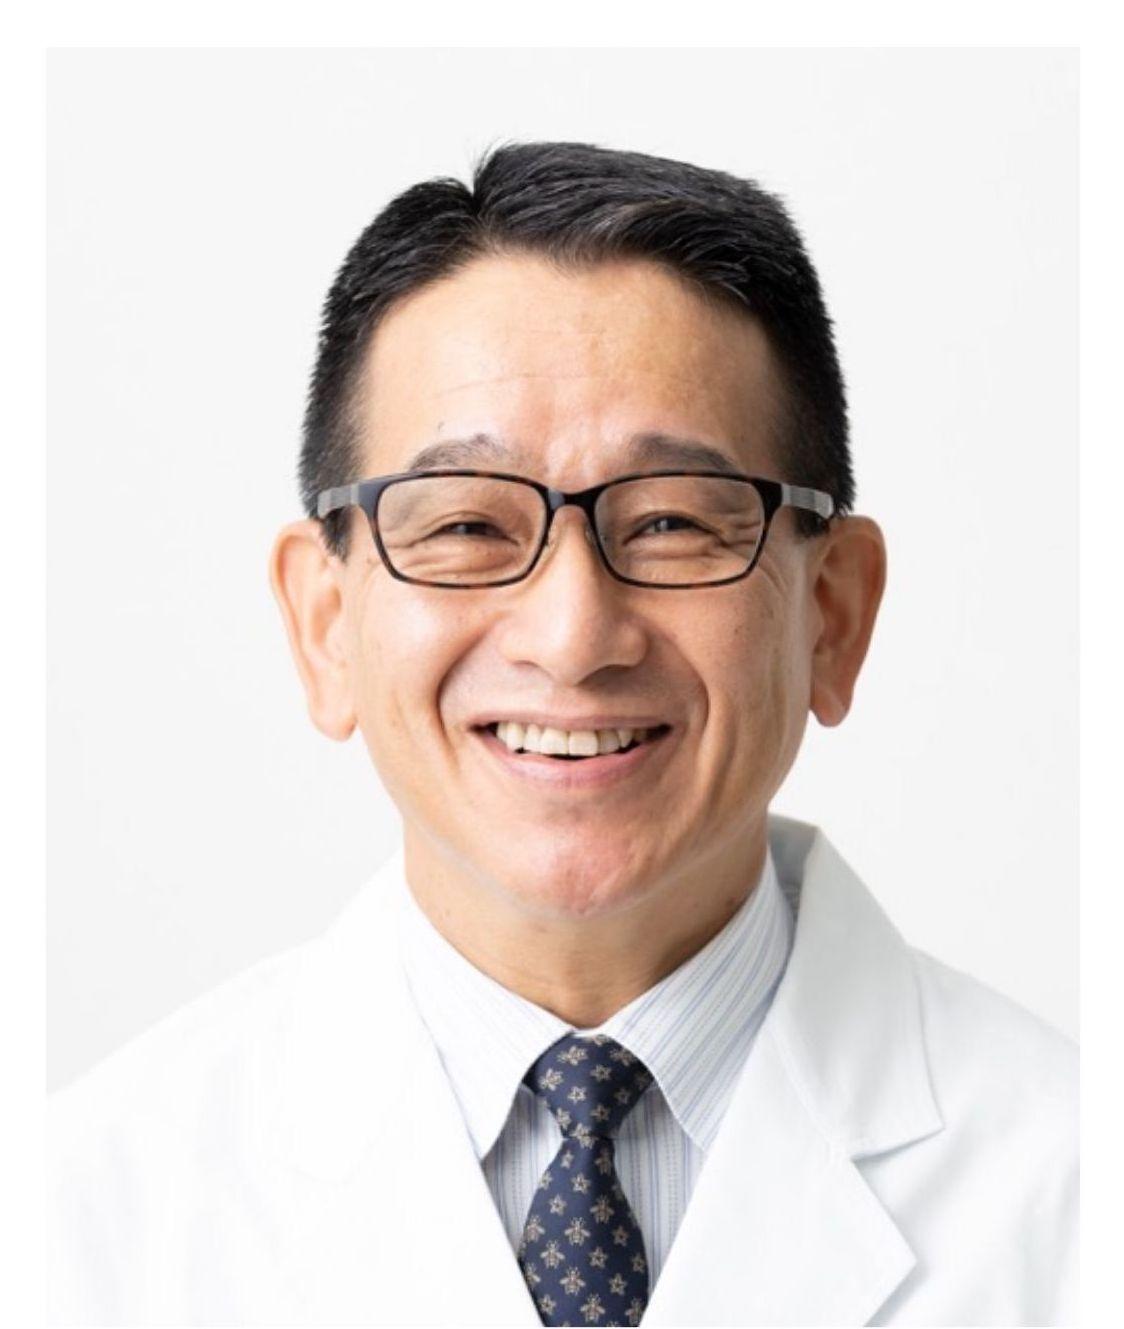 京都府立医科大学附属病院 内視鏡・超音波診療部 部長 内藤裕二先生